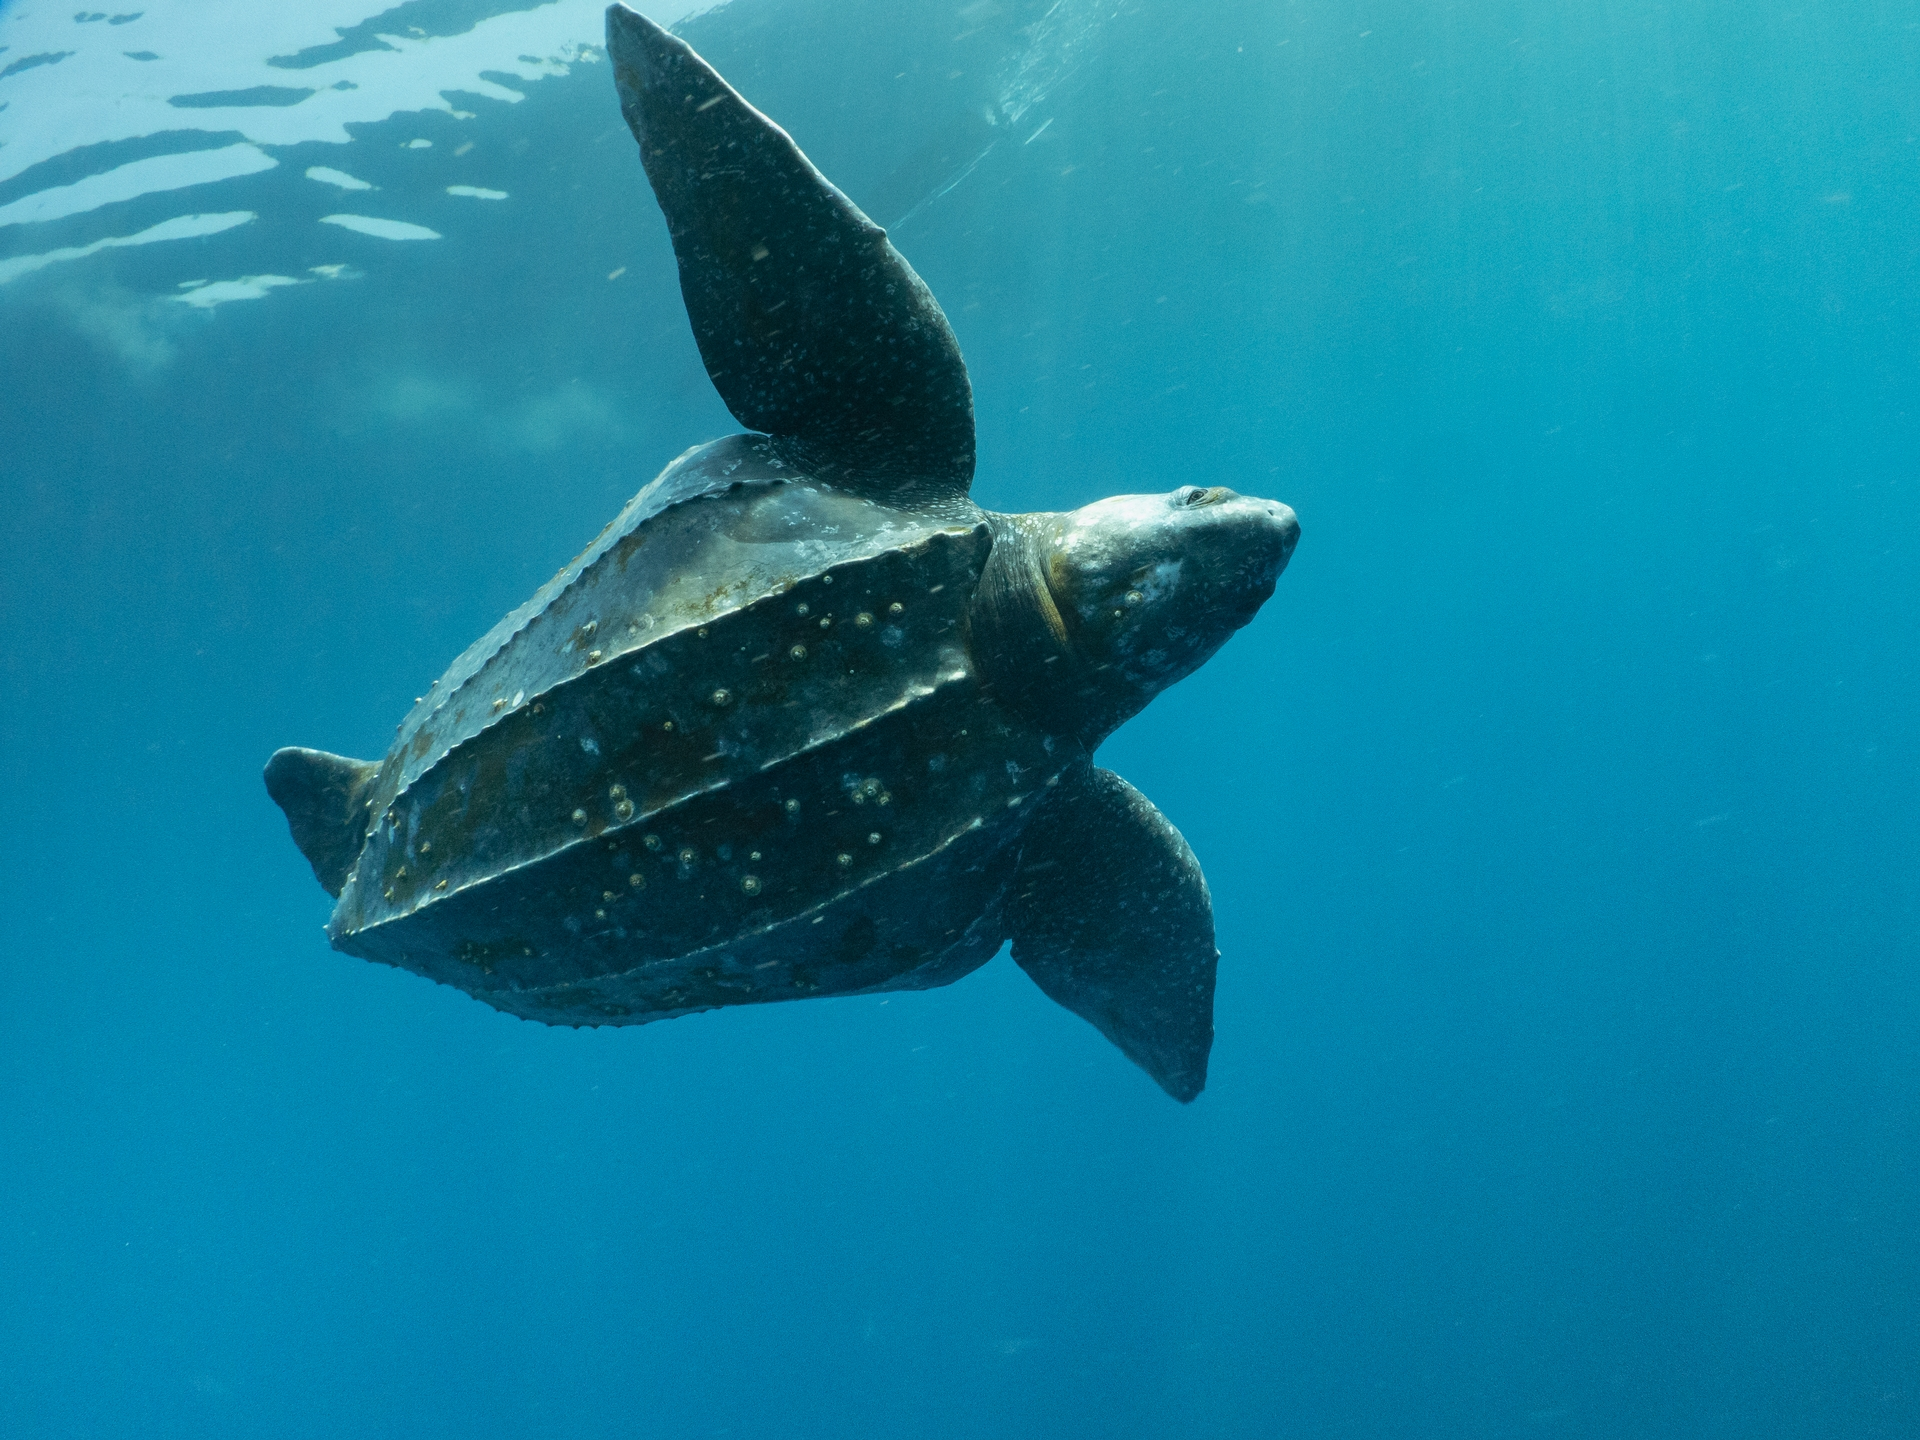 牠們還有一種可能有別於其他海龜的警戒行為,那就是上下顛倒,腹部朝天空。攝影:蘇淮